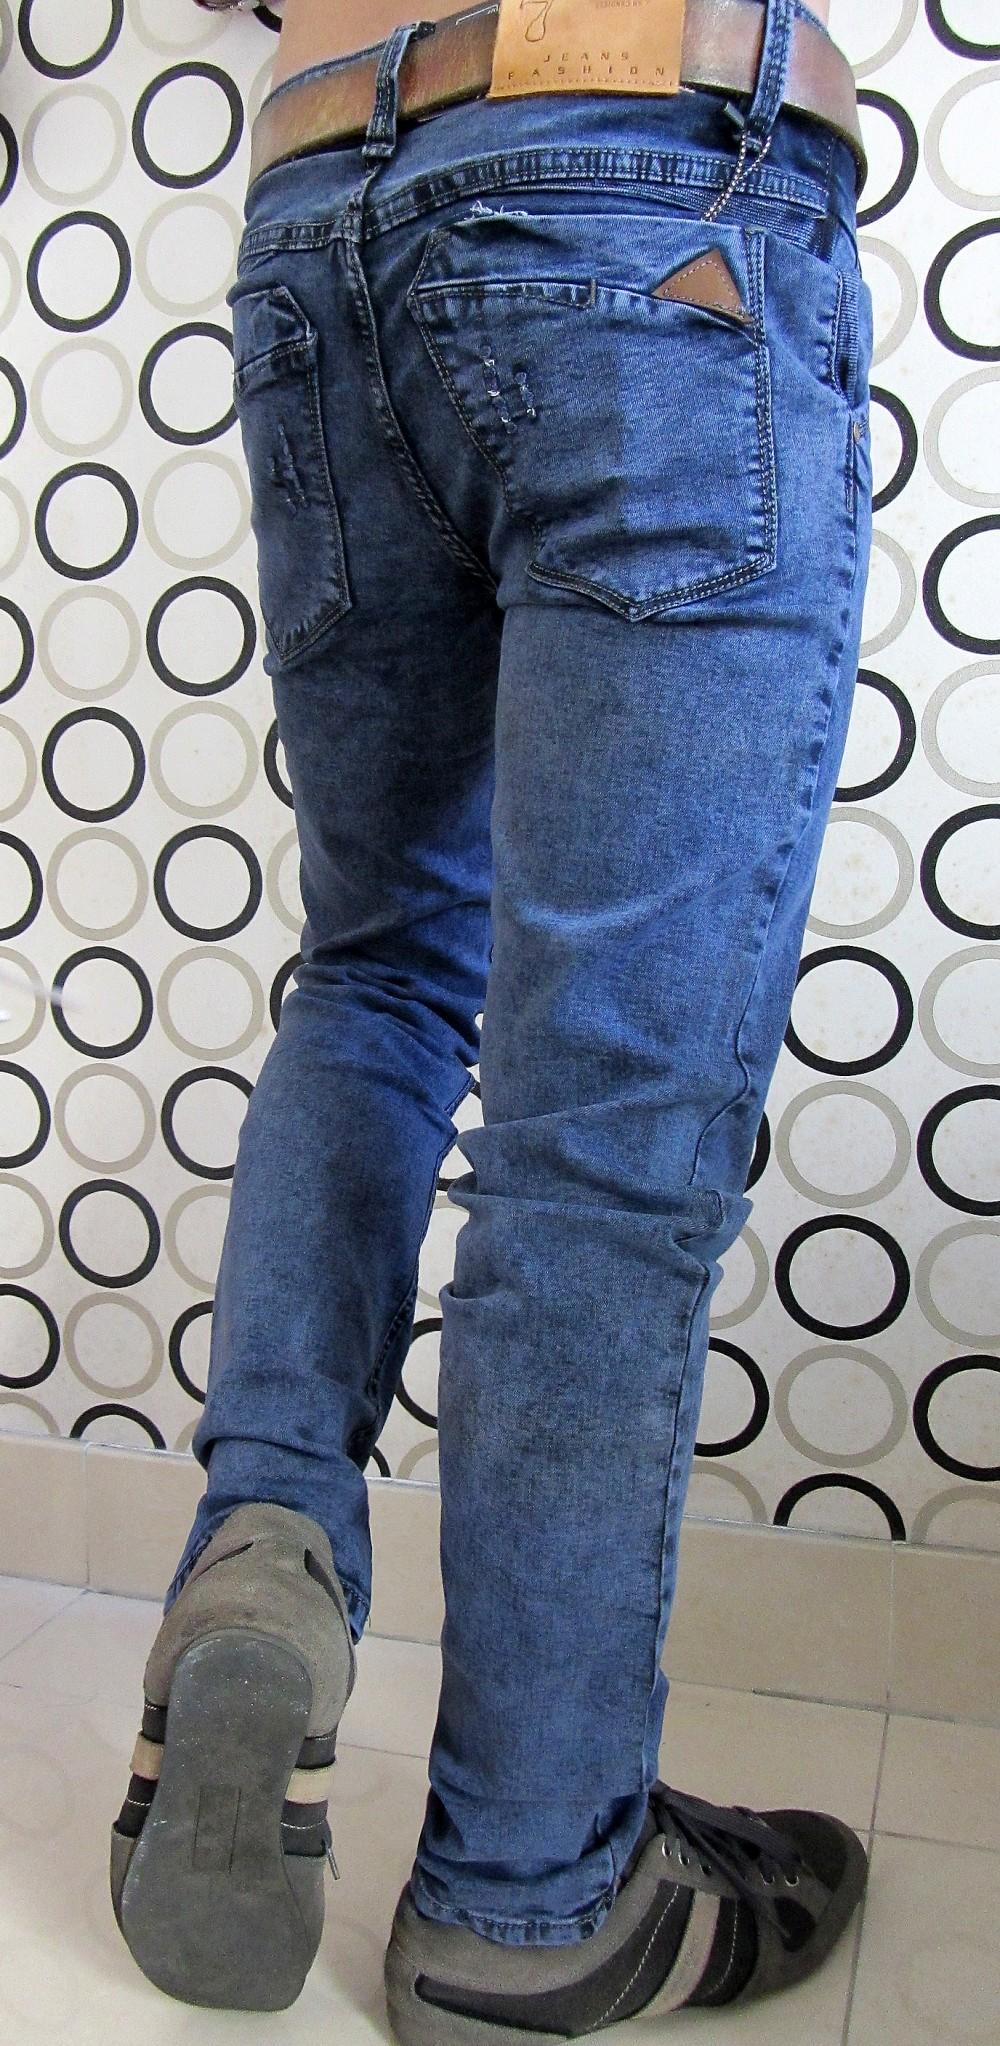 Quần jean nam đẹp phong cách mạnh mẽ bụi bặm cho các chàng trai - 3